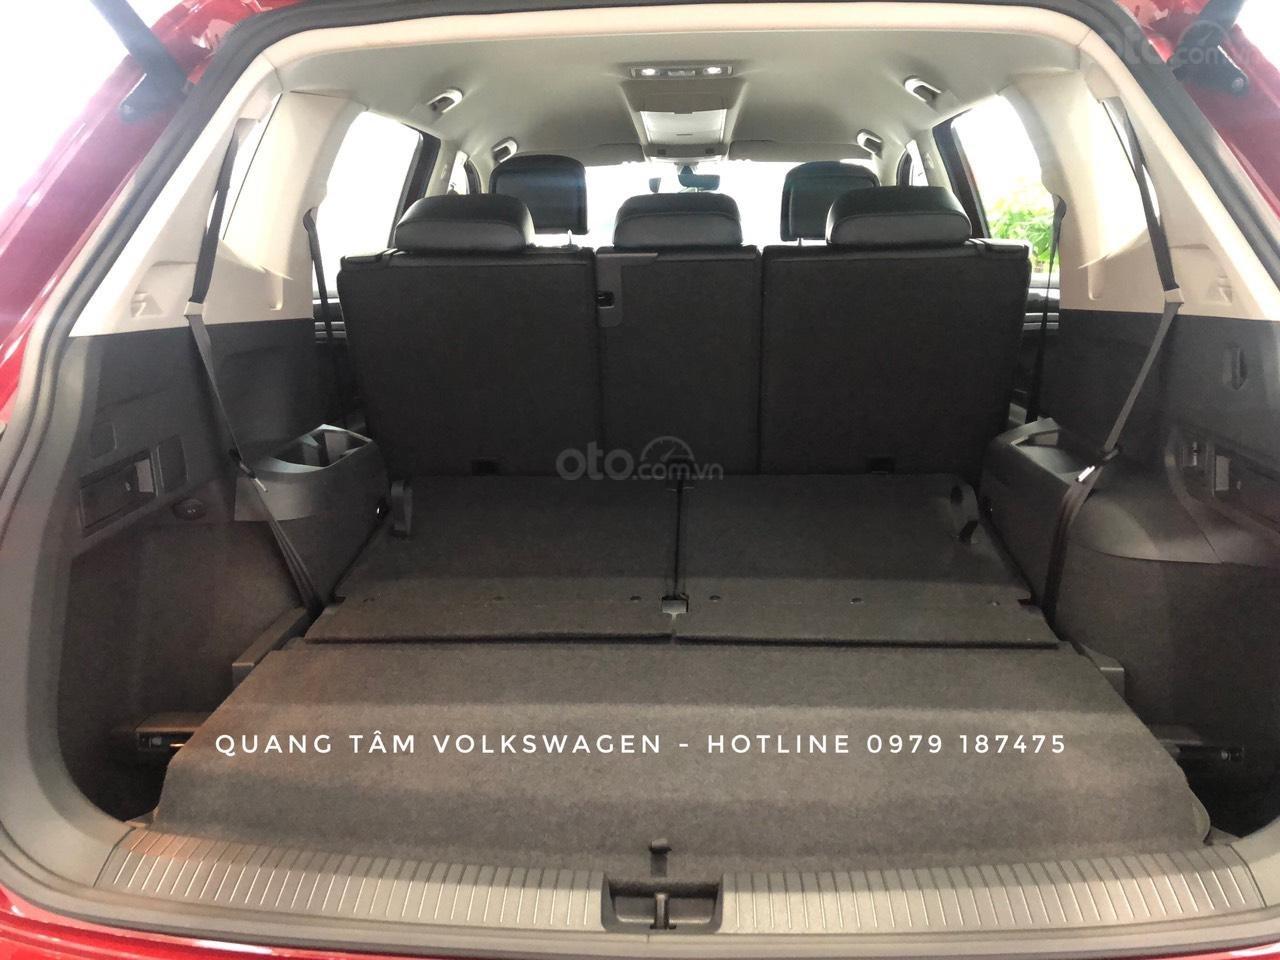 Volkswagen Tiguan Luxury đỏ ruby may mắn, ưu đãi khủng + giao ngay (15)